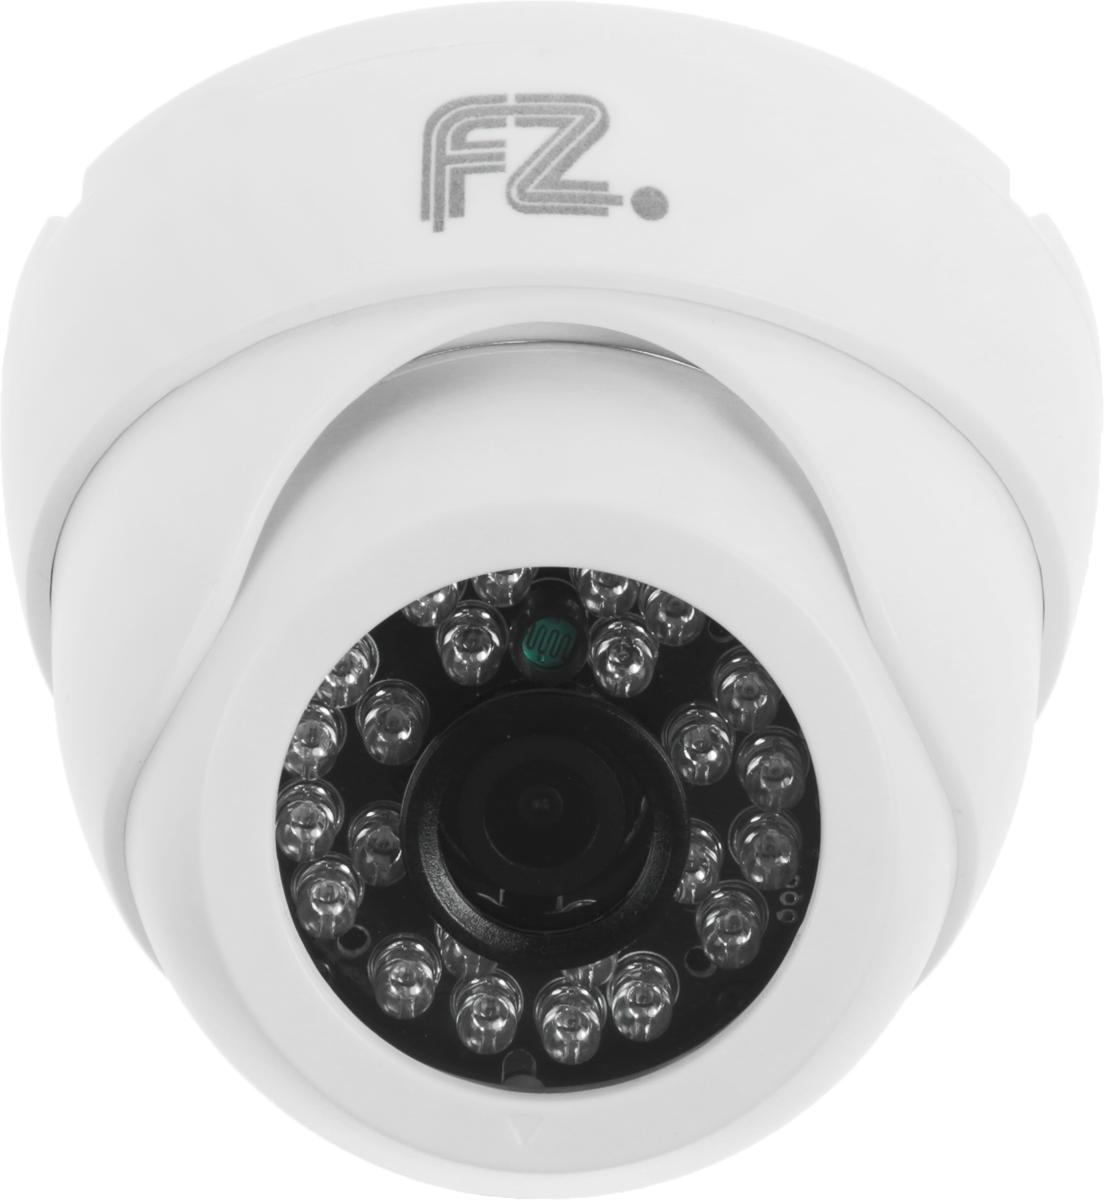 Fazera FZ-DIRP24-1080 камера видеонаблюденияzIPCam-DIRP24-1080Благодаря наличию инфракрасной подсветки дальностью 20 метров, и надежной защитой от атмосферных воздействий в широком диапазоне температур, камера видеонаблюдения Fazera FZ-DIRP24-1080 может эксплуатироваться в различных типах помещений.В основе камеры матрица 1/2.8 Sony Exmor IMX222 и процессор HiSilicon HI3516С благодаря чему уличная IP-камера Fazera FZ-DIRP24-1080 формирует изображение с разрешением до 1920x1080 пикселей, с качественной цветопередачей и повышенной контрастностью, что позволяет использовать видеокамеру на объектах с высокими требованиями к качеству видеосигнала, и в системах с видеоаналитикой.Матрица: 1/2.8 Sony Exmor IMX222Процессор: HiSilicon HI3516СМеханический ИК-фильтр с автопереключениемНастройки яркости, контраста, насыщенности через клиентское ПО или веб браузер